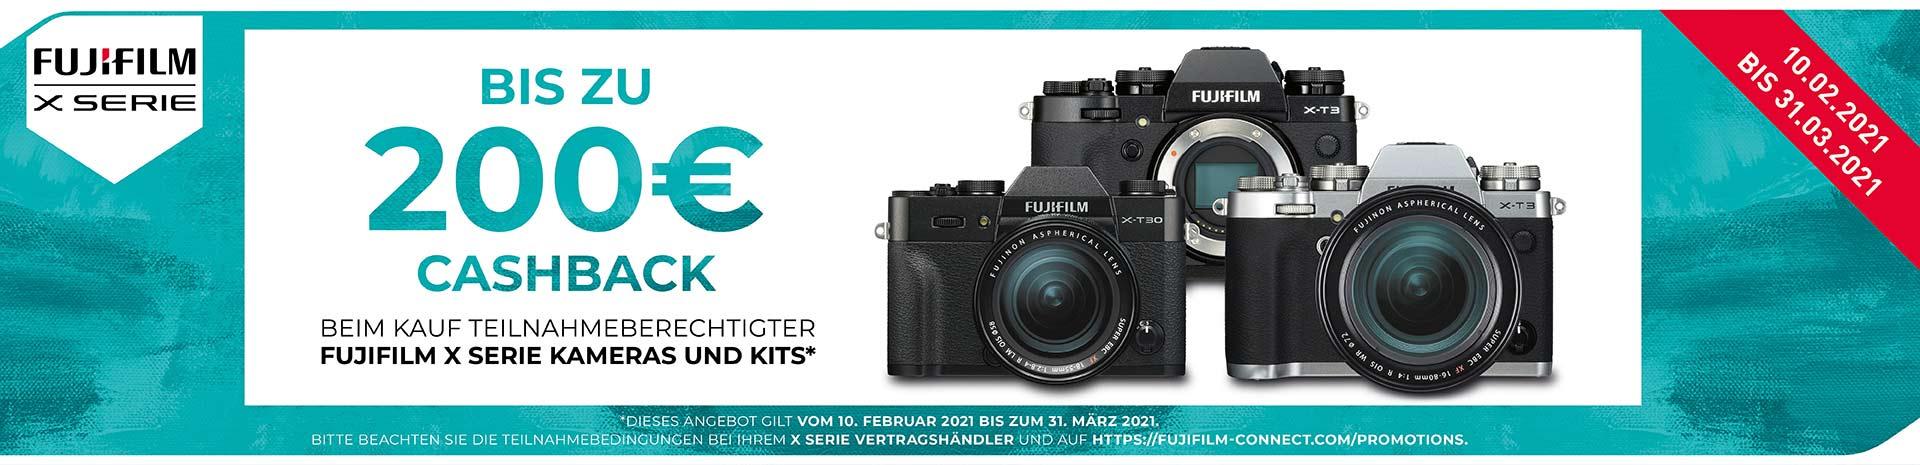 Fujifilm X-T3 Cashback